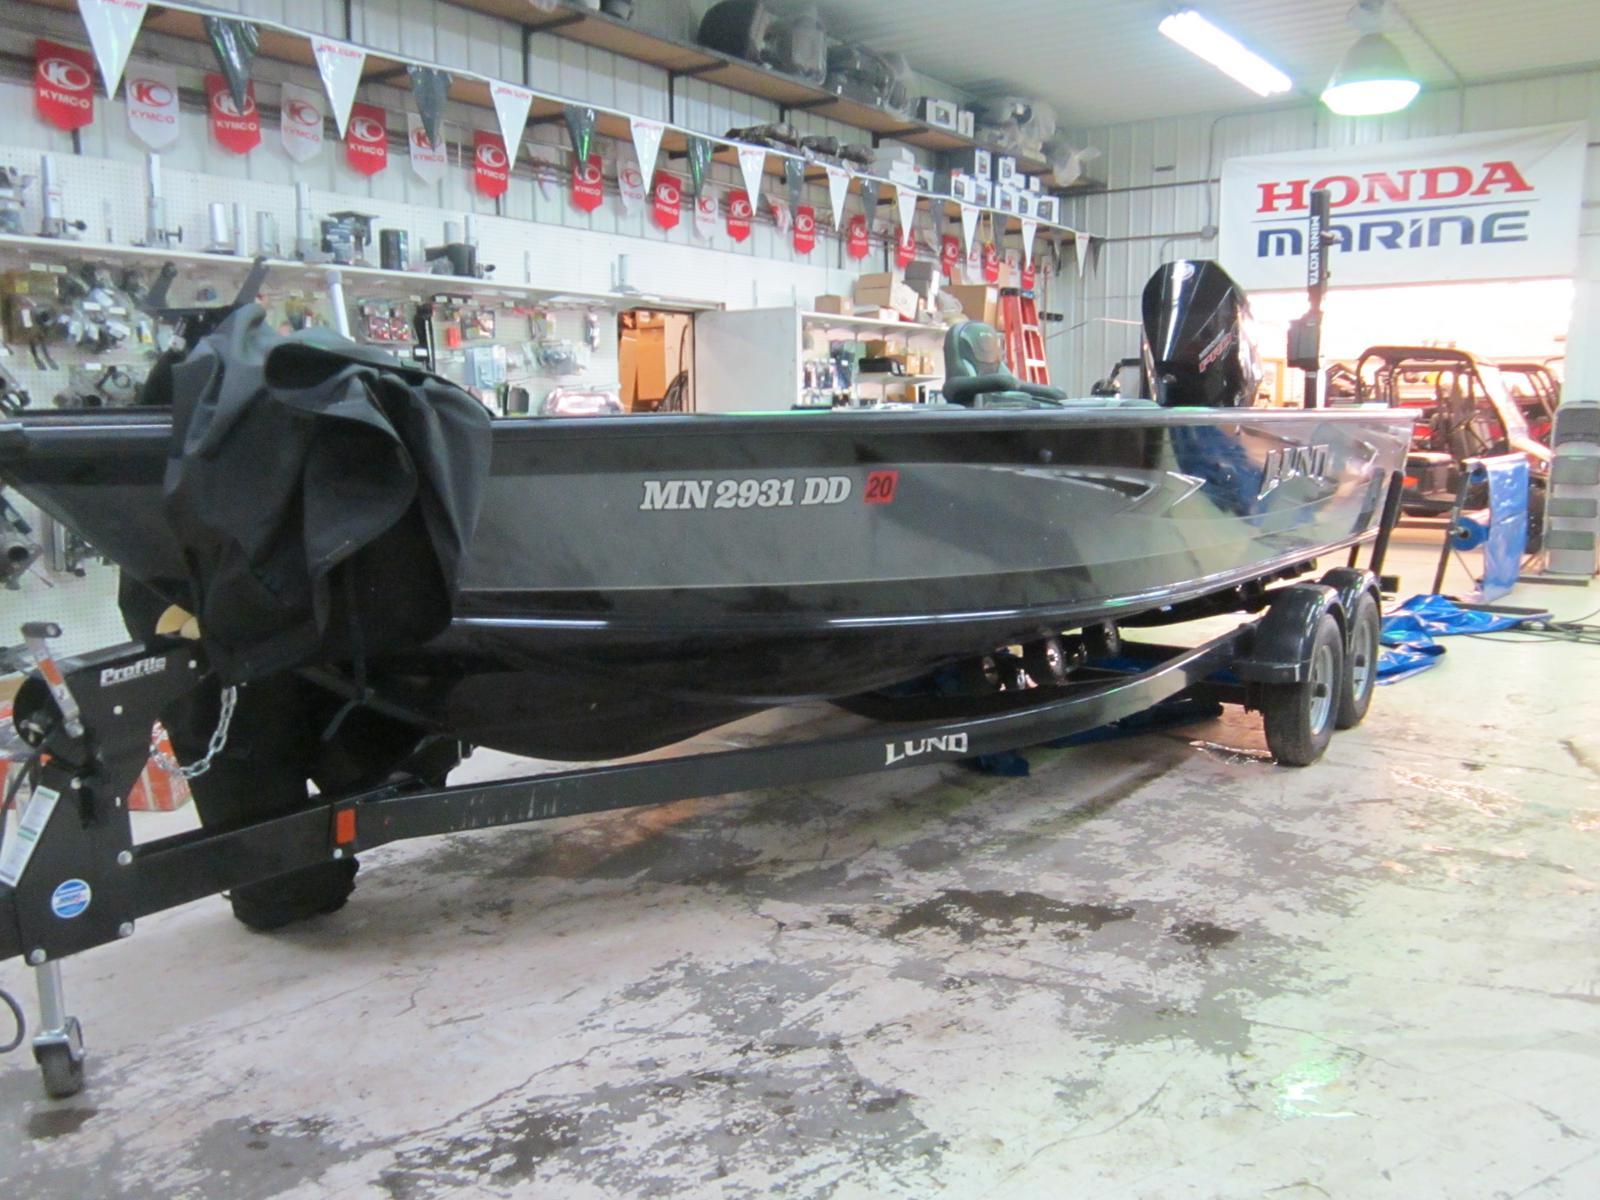 In Stock New And Used Models For Sale In Bemidji Mn Ray S Sport Marine Bemidji Mn 888 647 8238